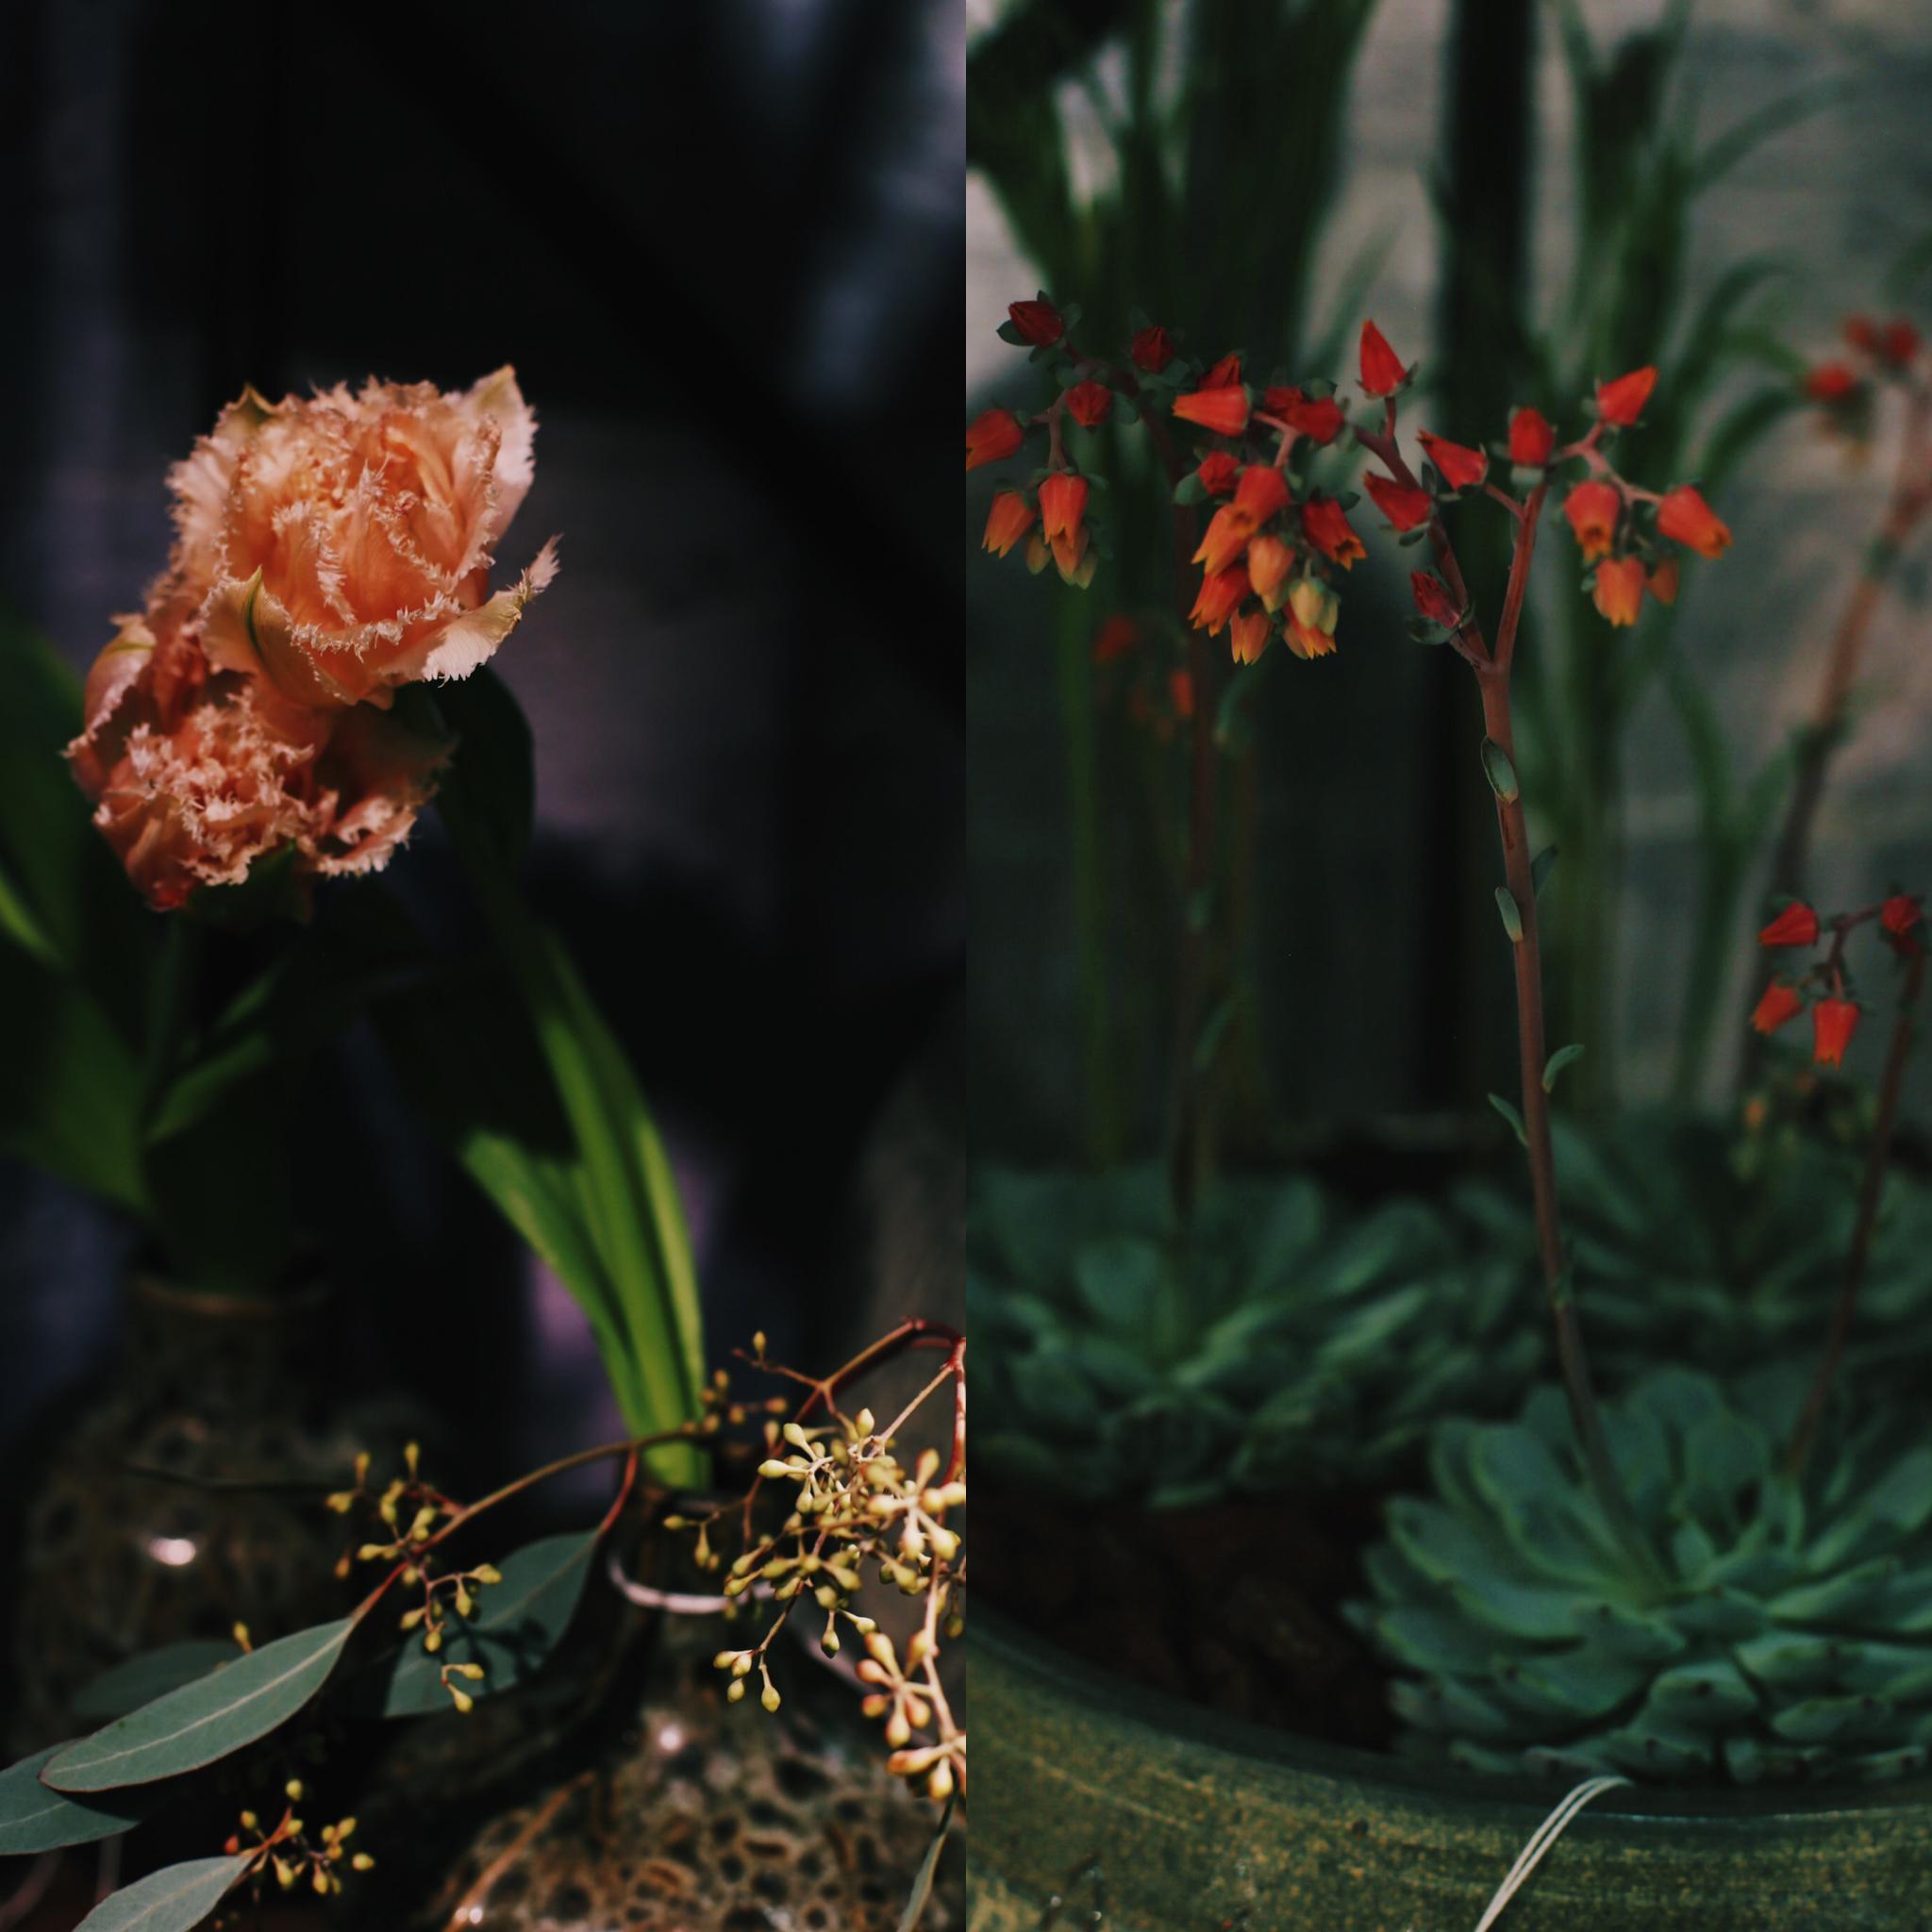 Korallin väri näkyy kukissa vahvasti. Ihana ripsureunainen tulppaani ja mehiruusuke oranssihtavalla kukinnolla tämän vuoden trendivärissä.